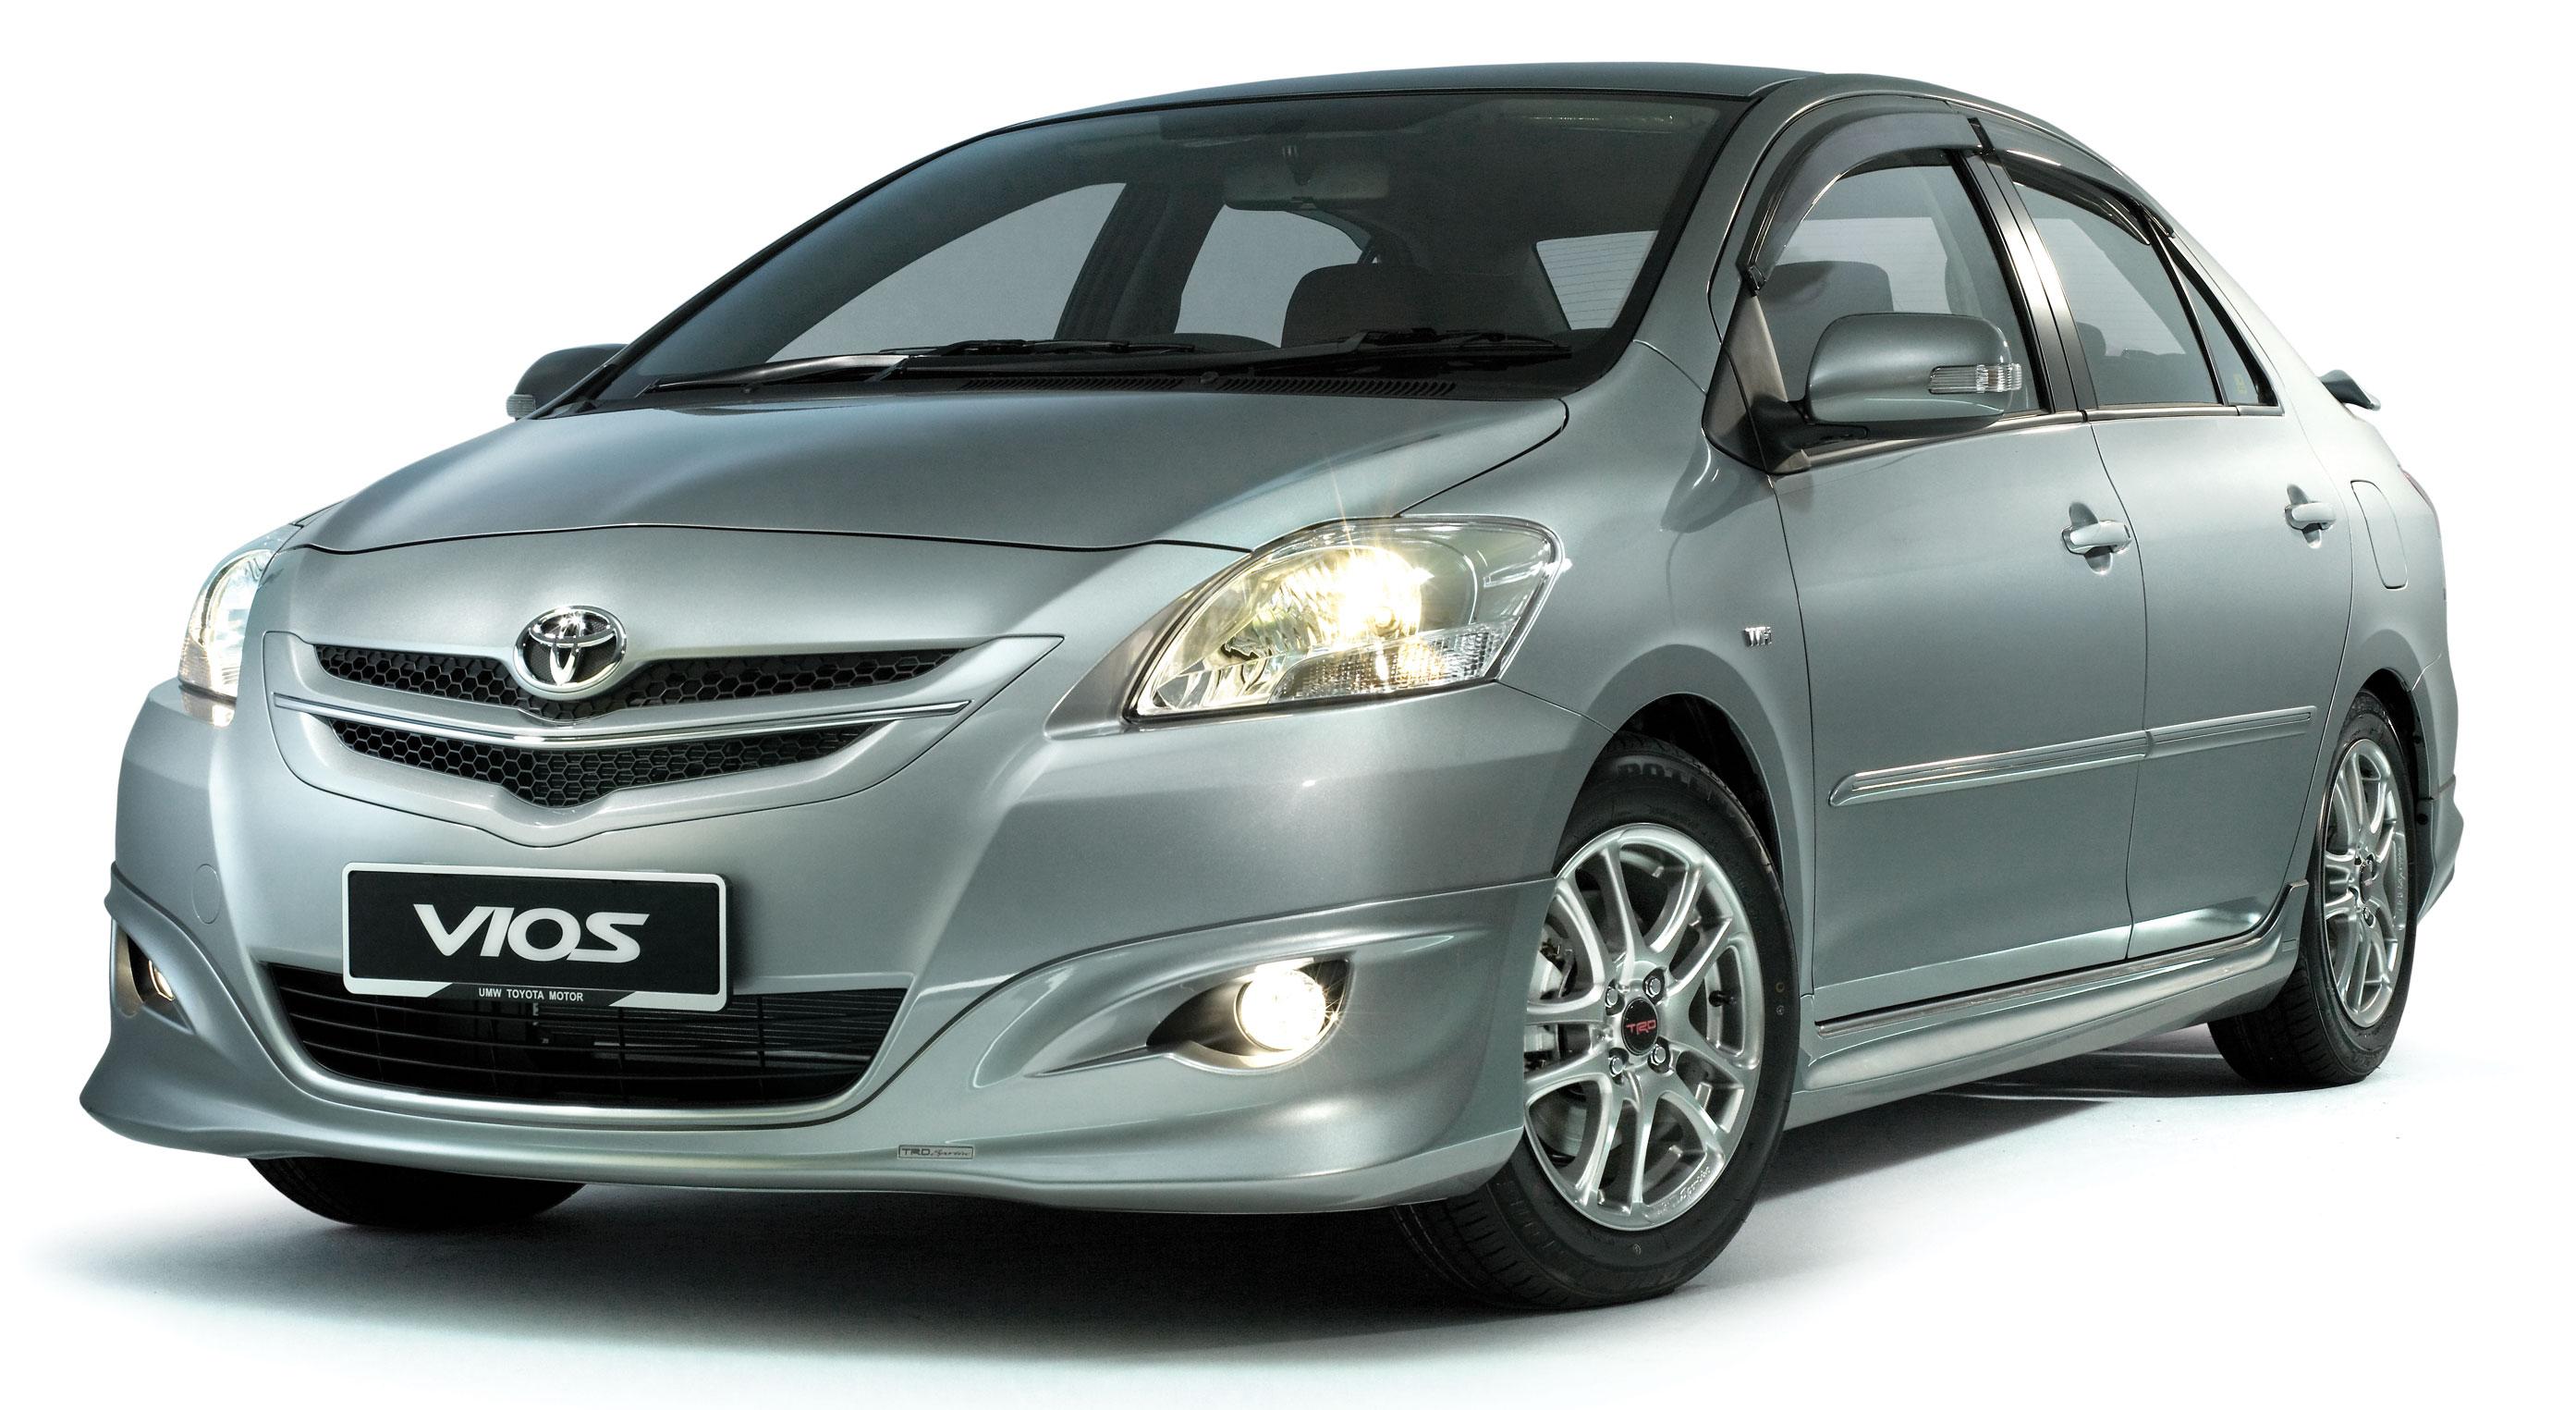 Toyota Vios là một mẫu ô tô 5 chỗ giá rẻ được nhiều người ưa chuộng